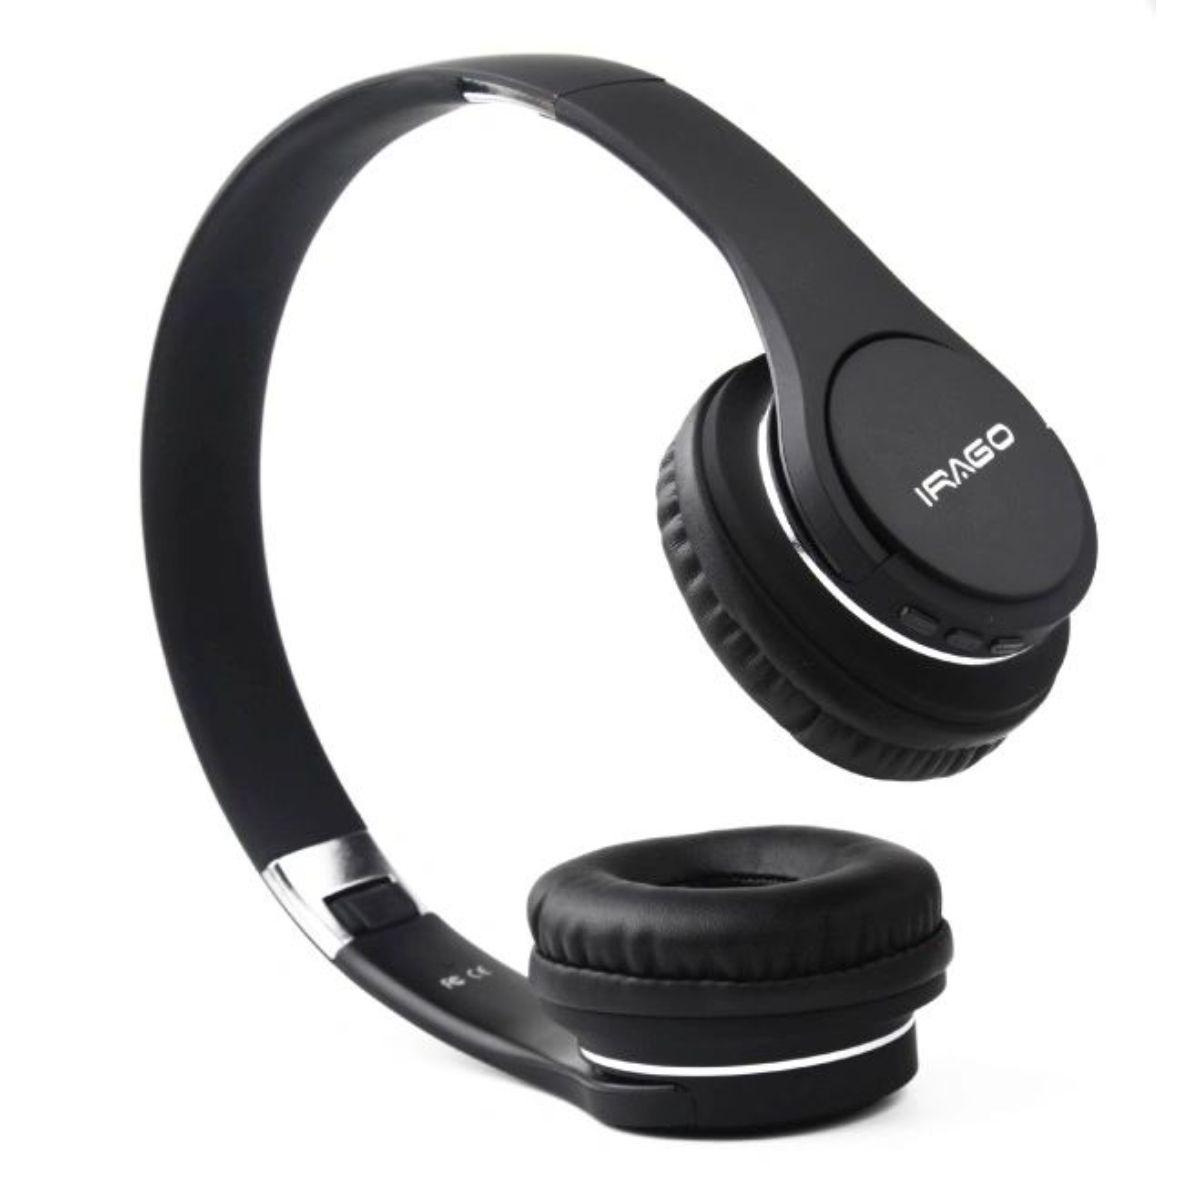 audifonos inalambricos de alta definicion plegable sonido estereo irago razr 4 1